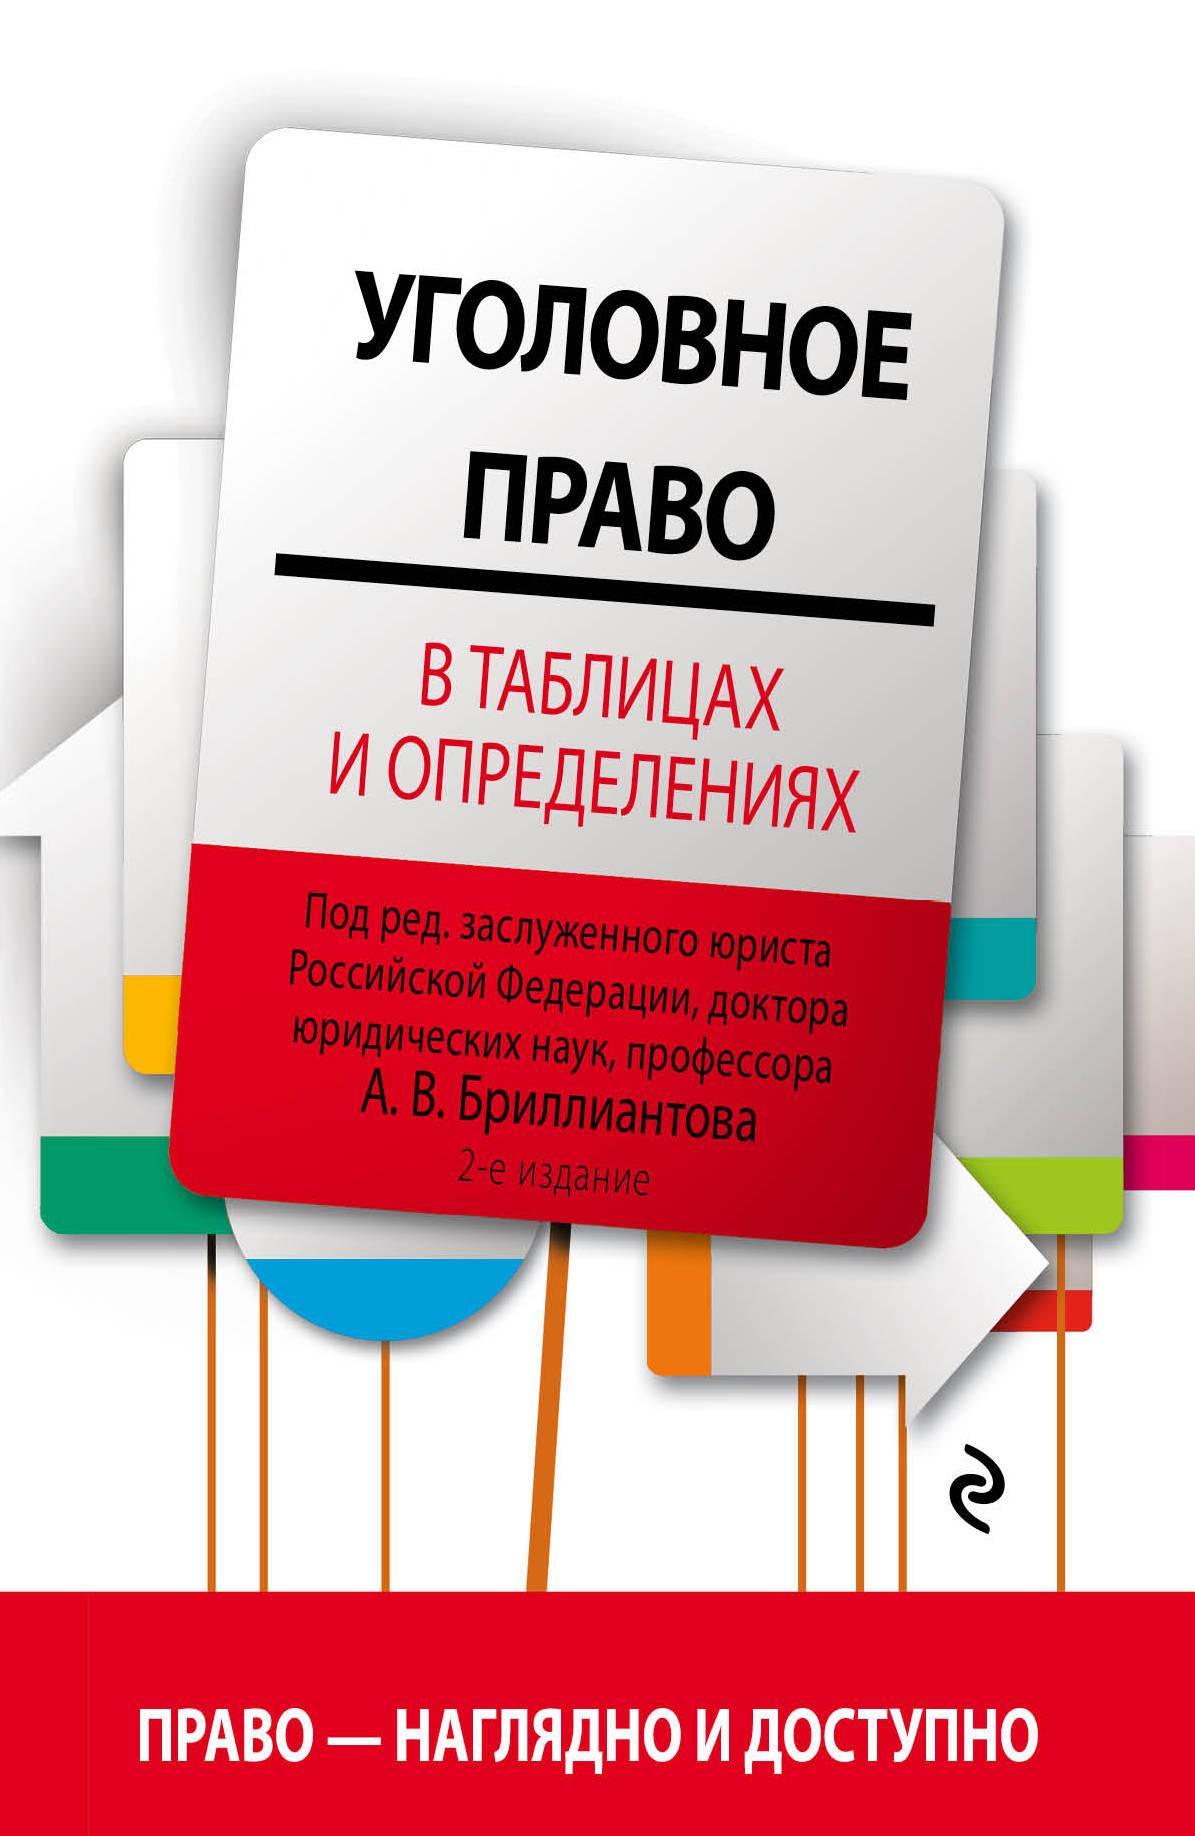 Ugolovnoe pravo v tablitsakh i opredelenijakh. 2-e izdanie, ispravlennoe i dopolnennoe